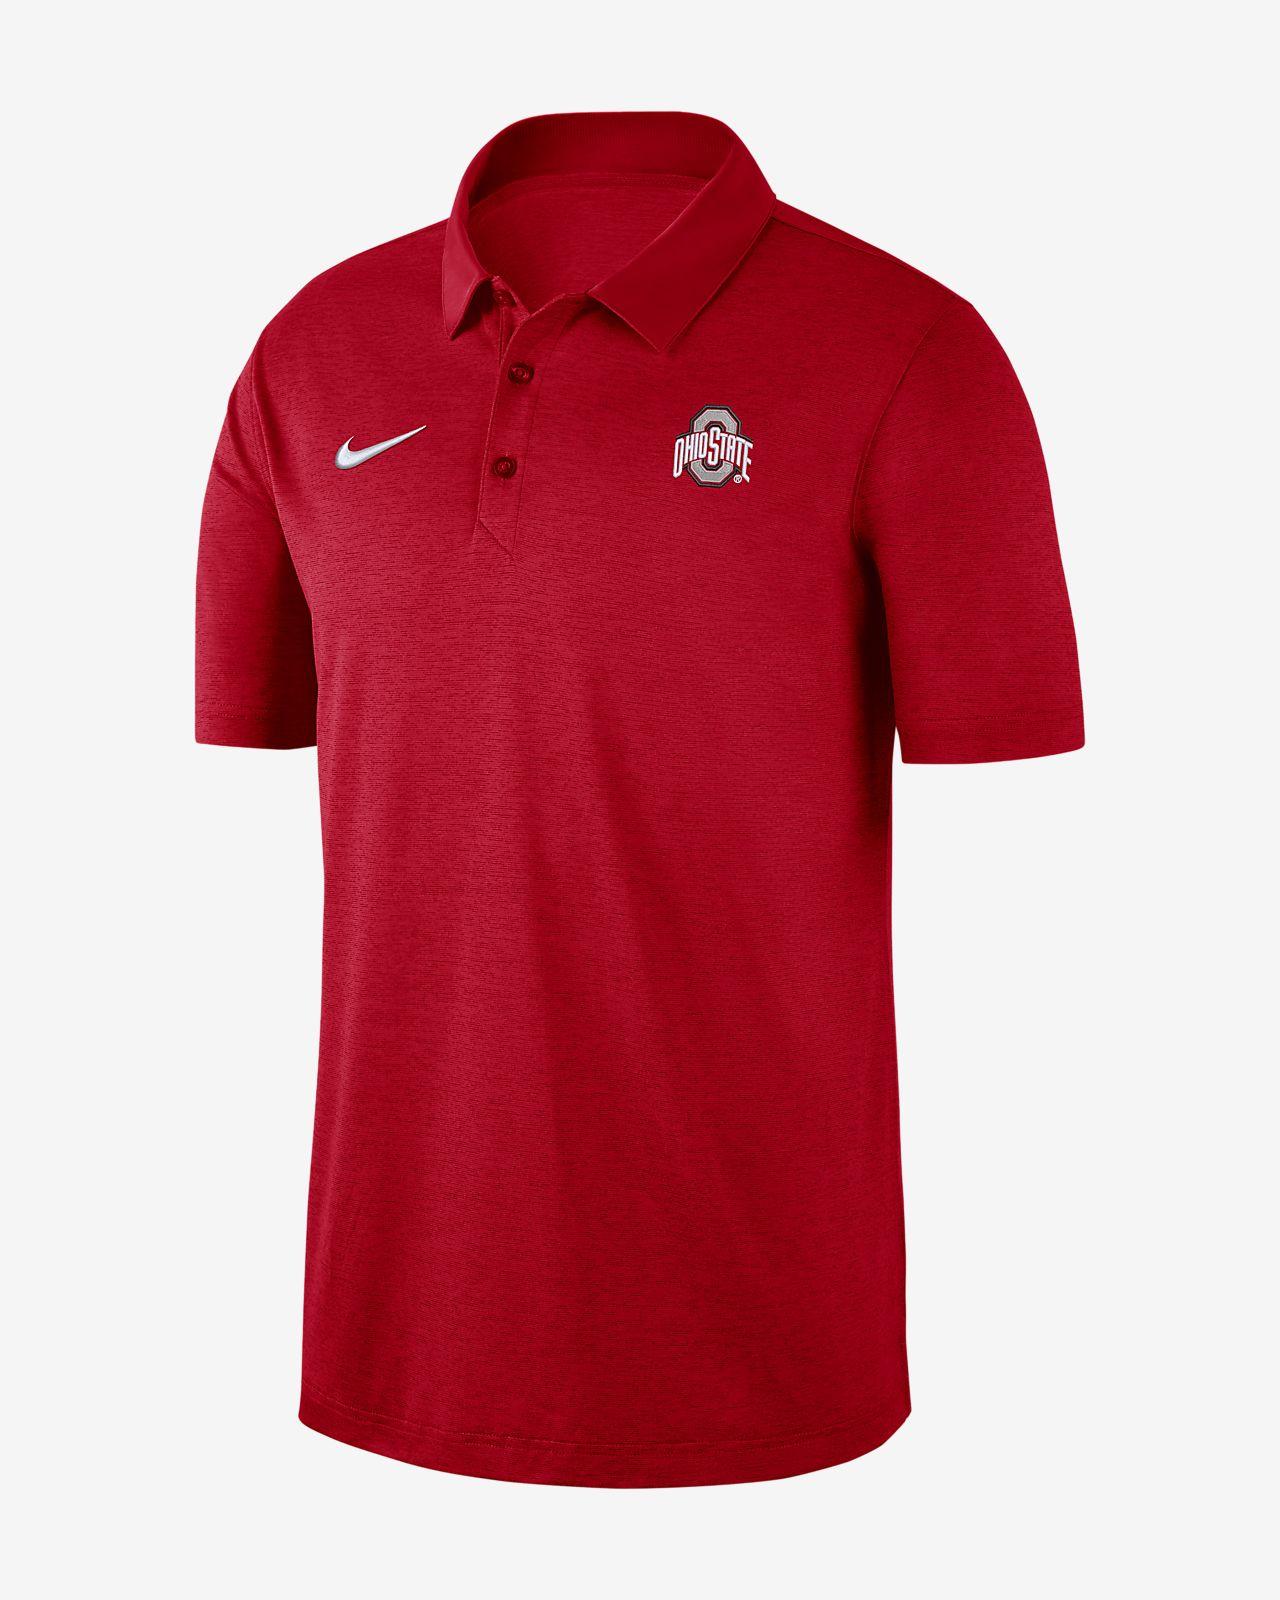 Nike College Dri-FIT (Ohio State) Men's Polo